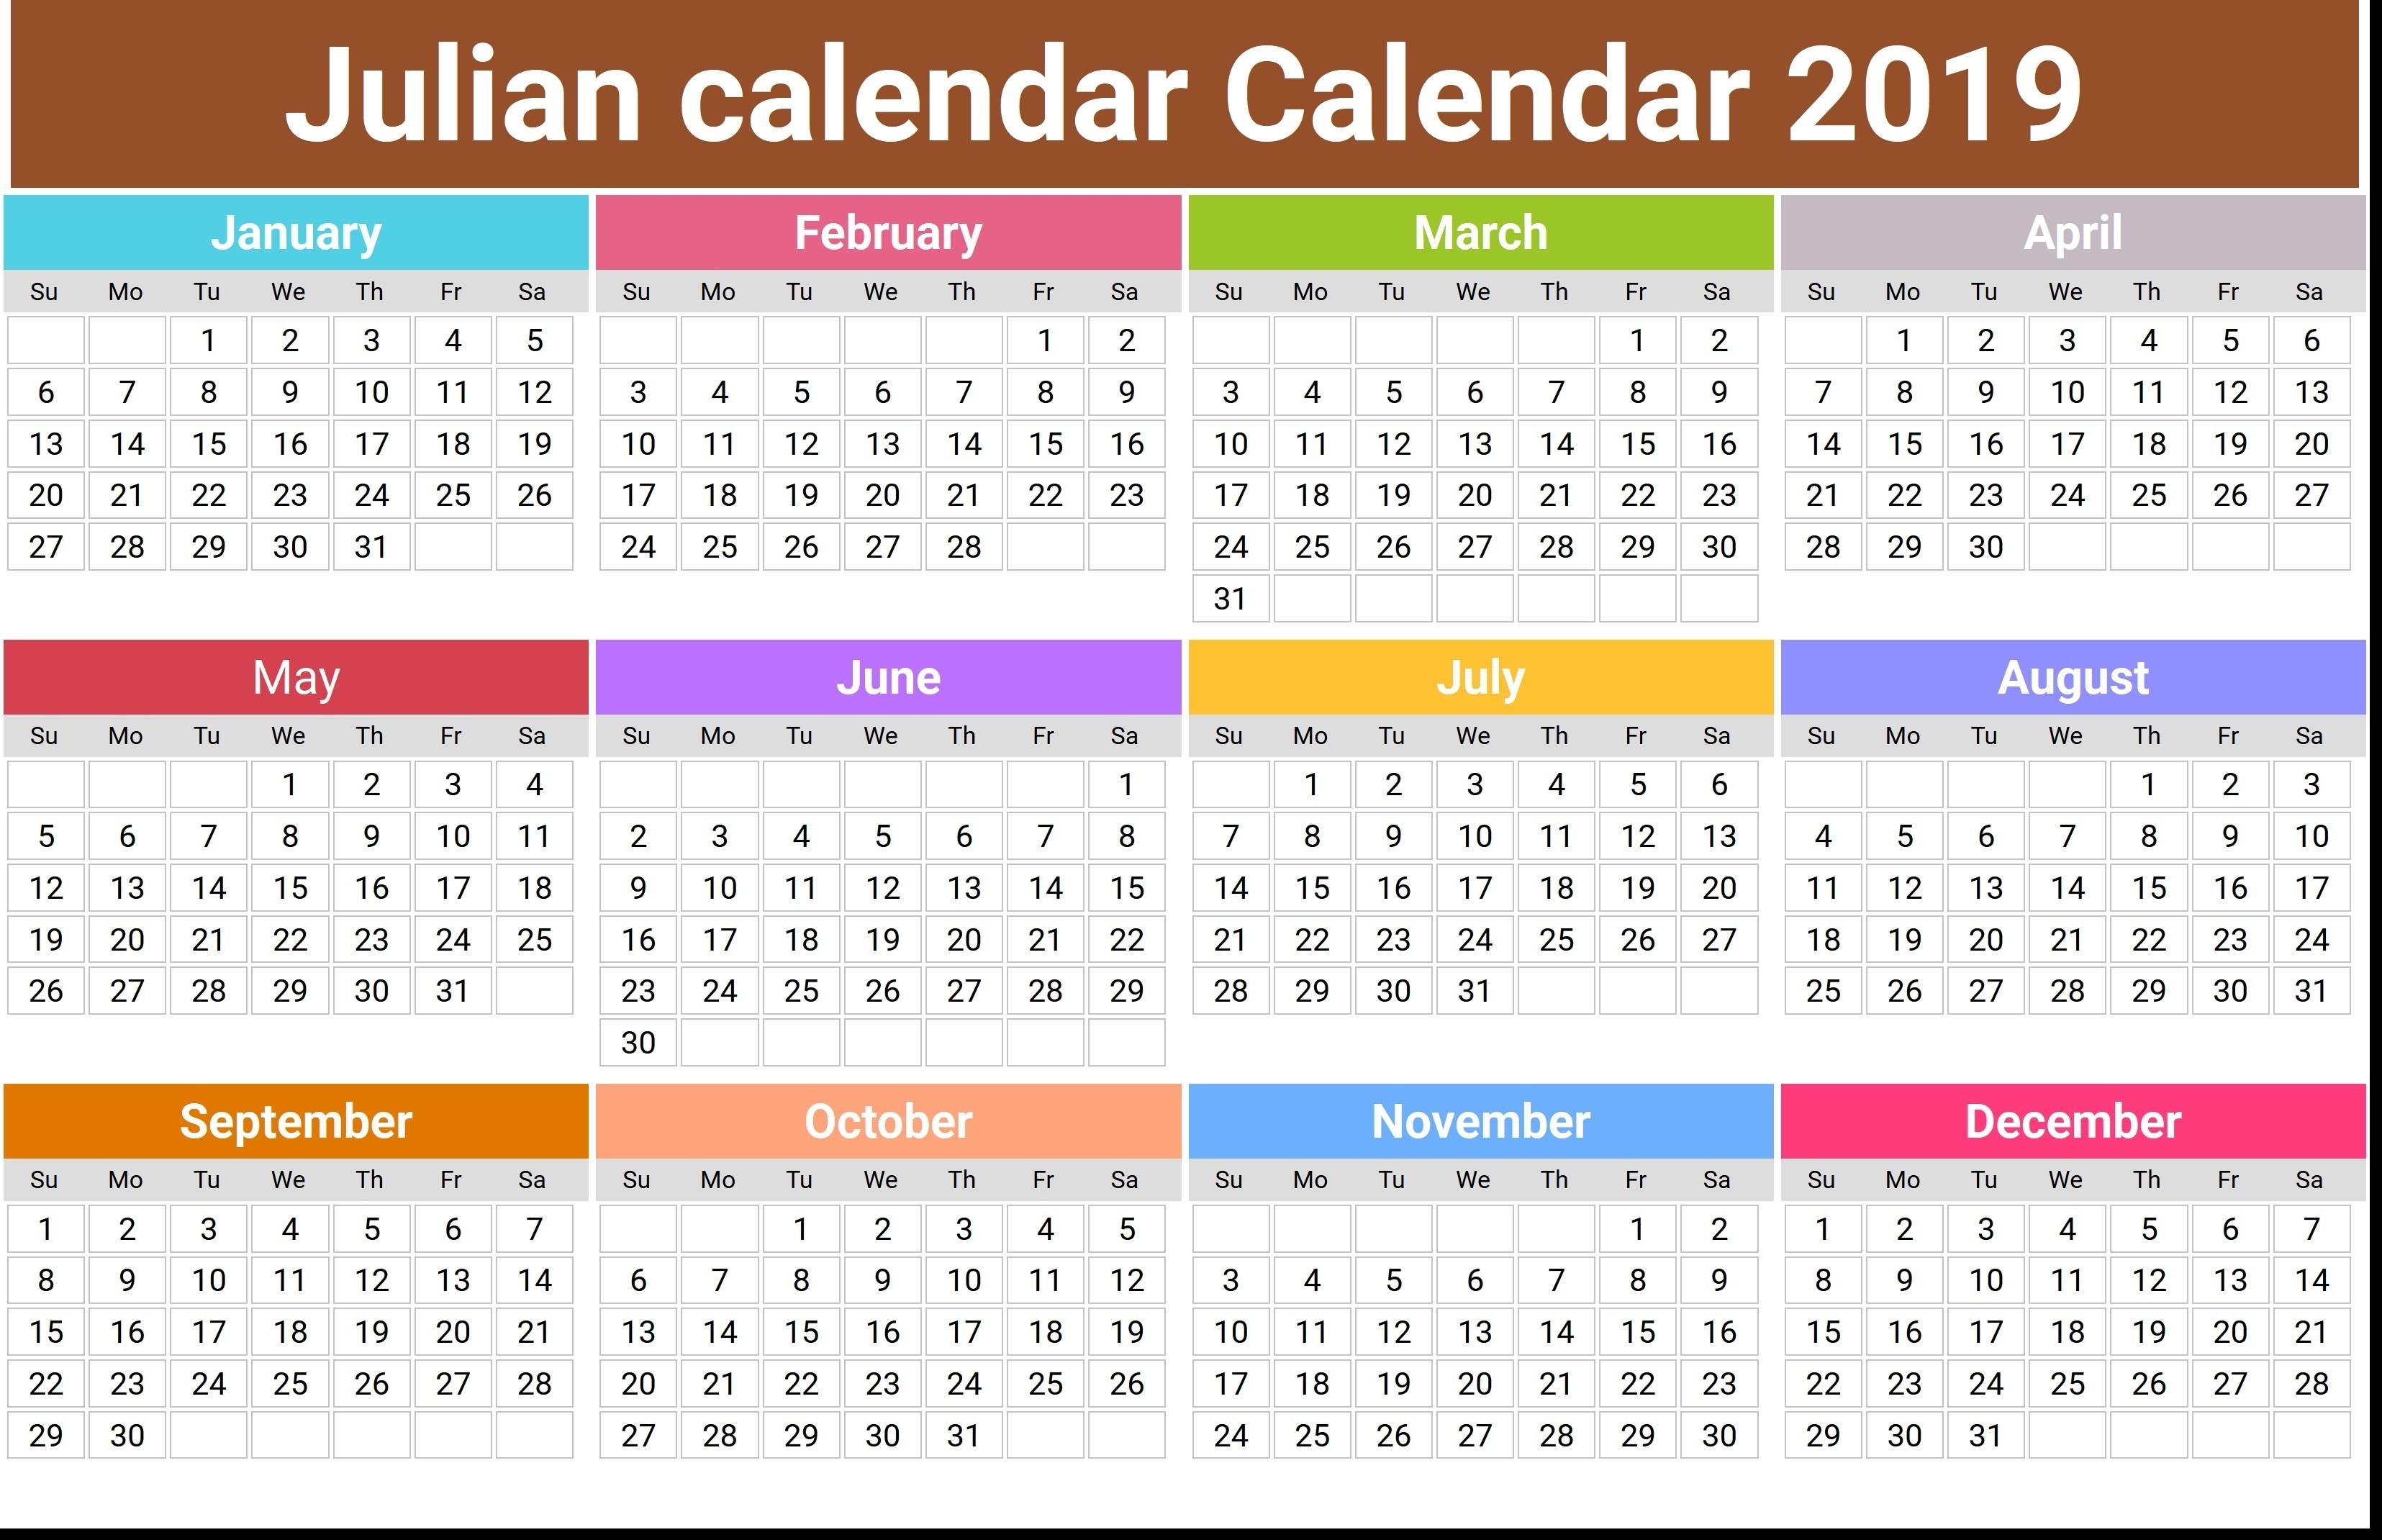 Julian Calendar 2020 2020 Template | Example Calendar Printable throughout Quadax Julian Date Calendar 2020